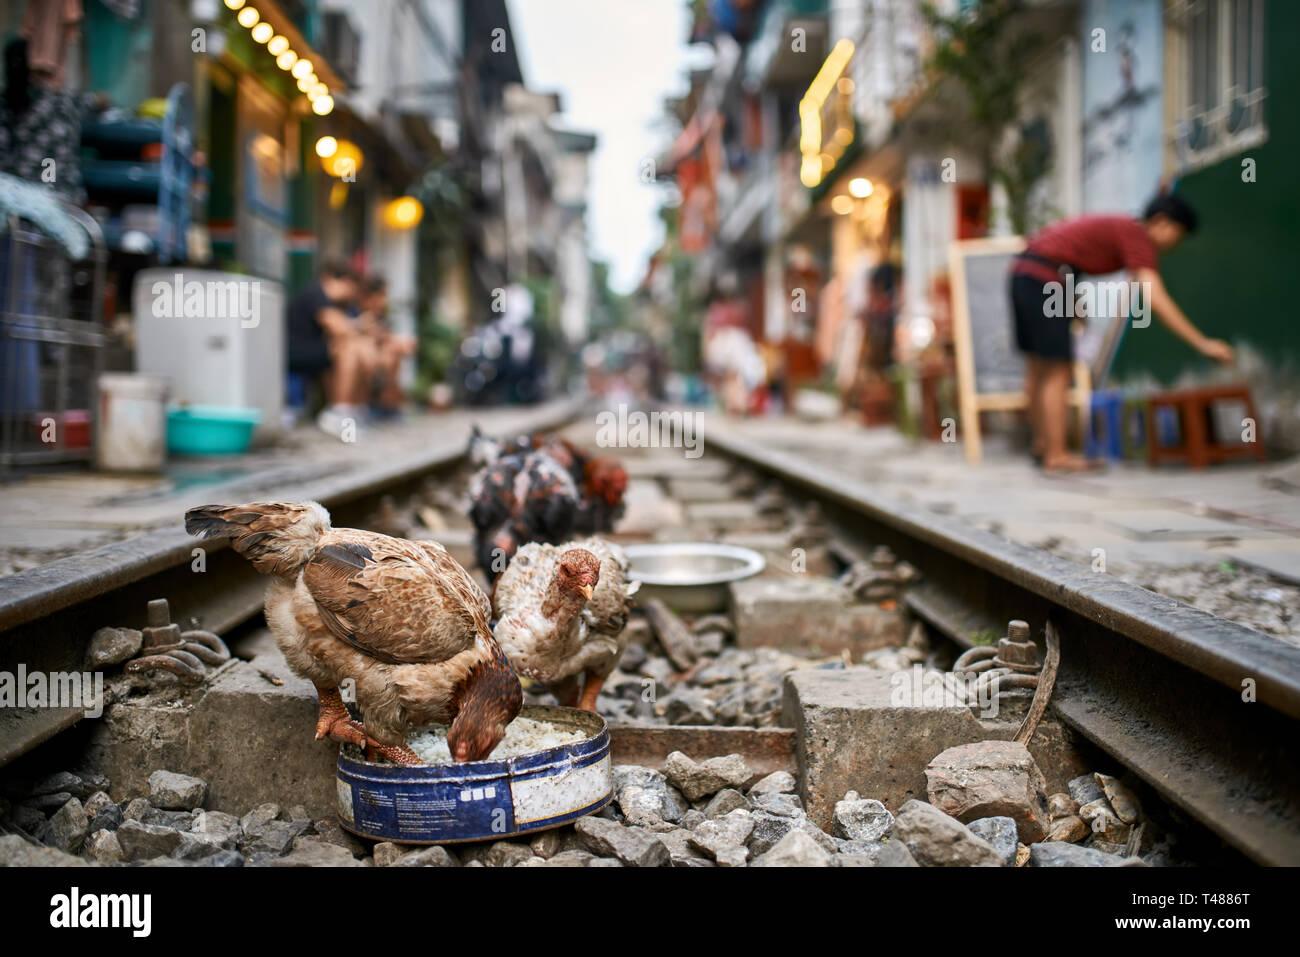 Pollos picoteando alimentos sobre los rieles del tren en la calle de la ciudad de Hanoi. Imagen De Stock